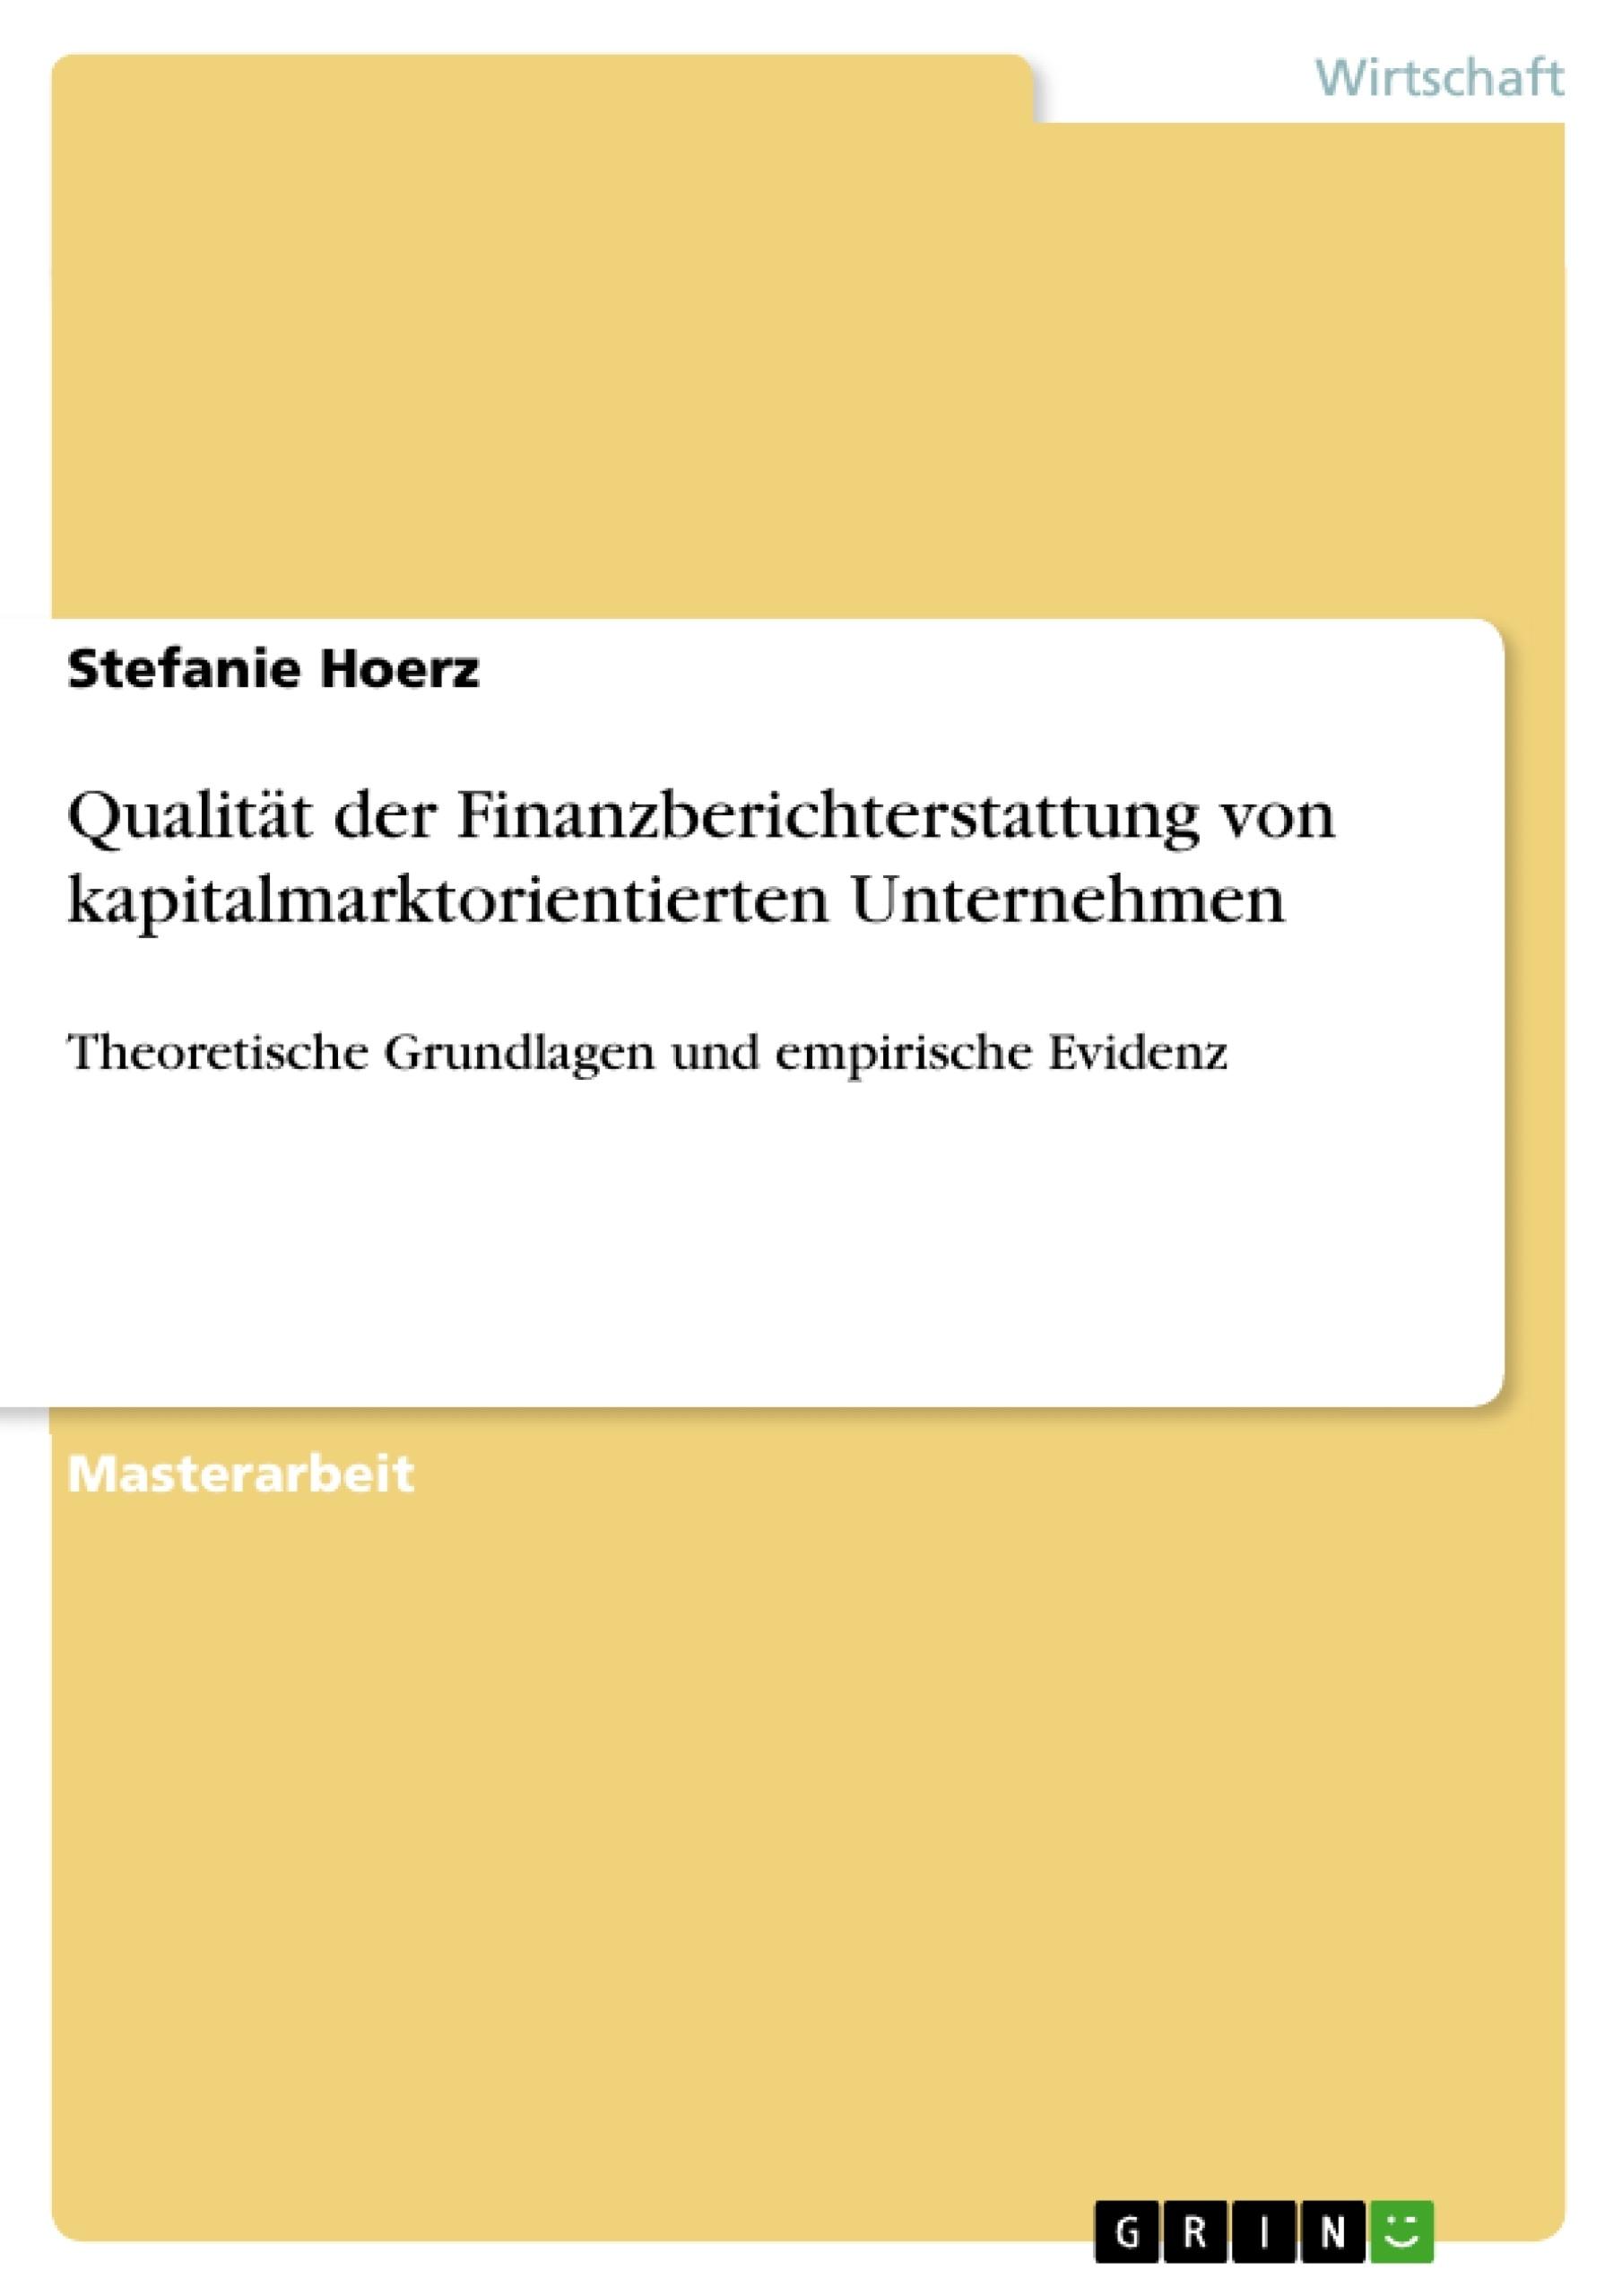 Titel: Qualität der Finanzberichterstattung von kapitalmarktorientierten Unternehmen